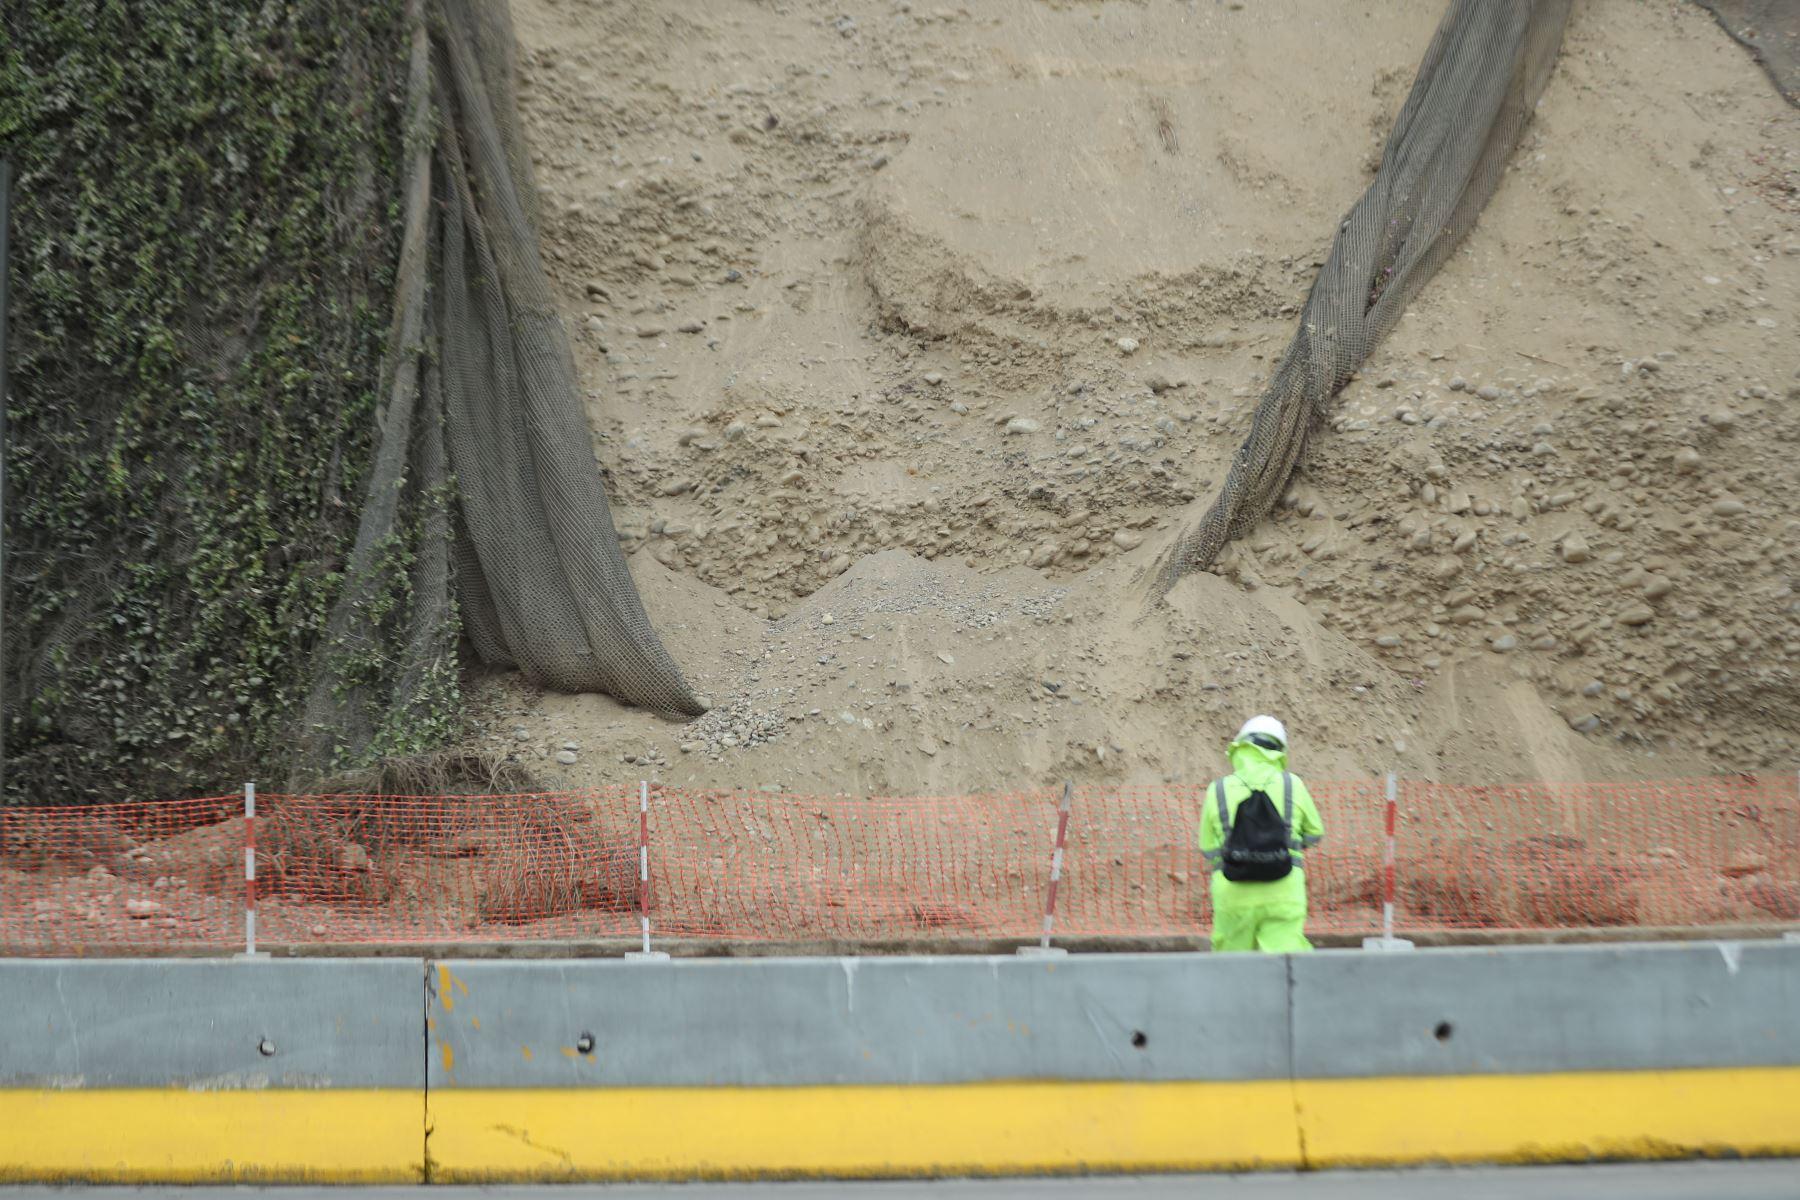 Tramo de la Costa Verde, a la altura de Barranco, en sentido de sur a norte; permanecerá cerrado por cambio de geomallas tras el deslizamiento de rocas ocurrido anoche. Foto: ANDINA/Carla Patiño